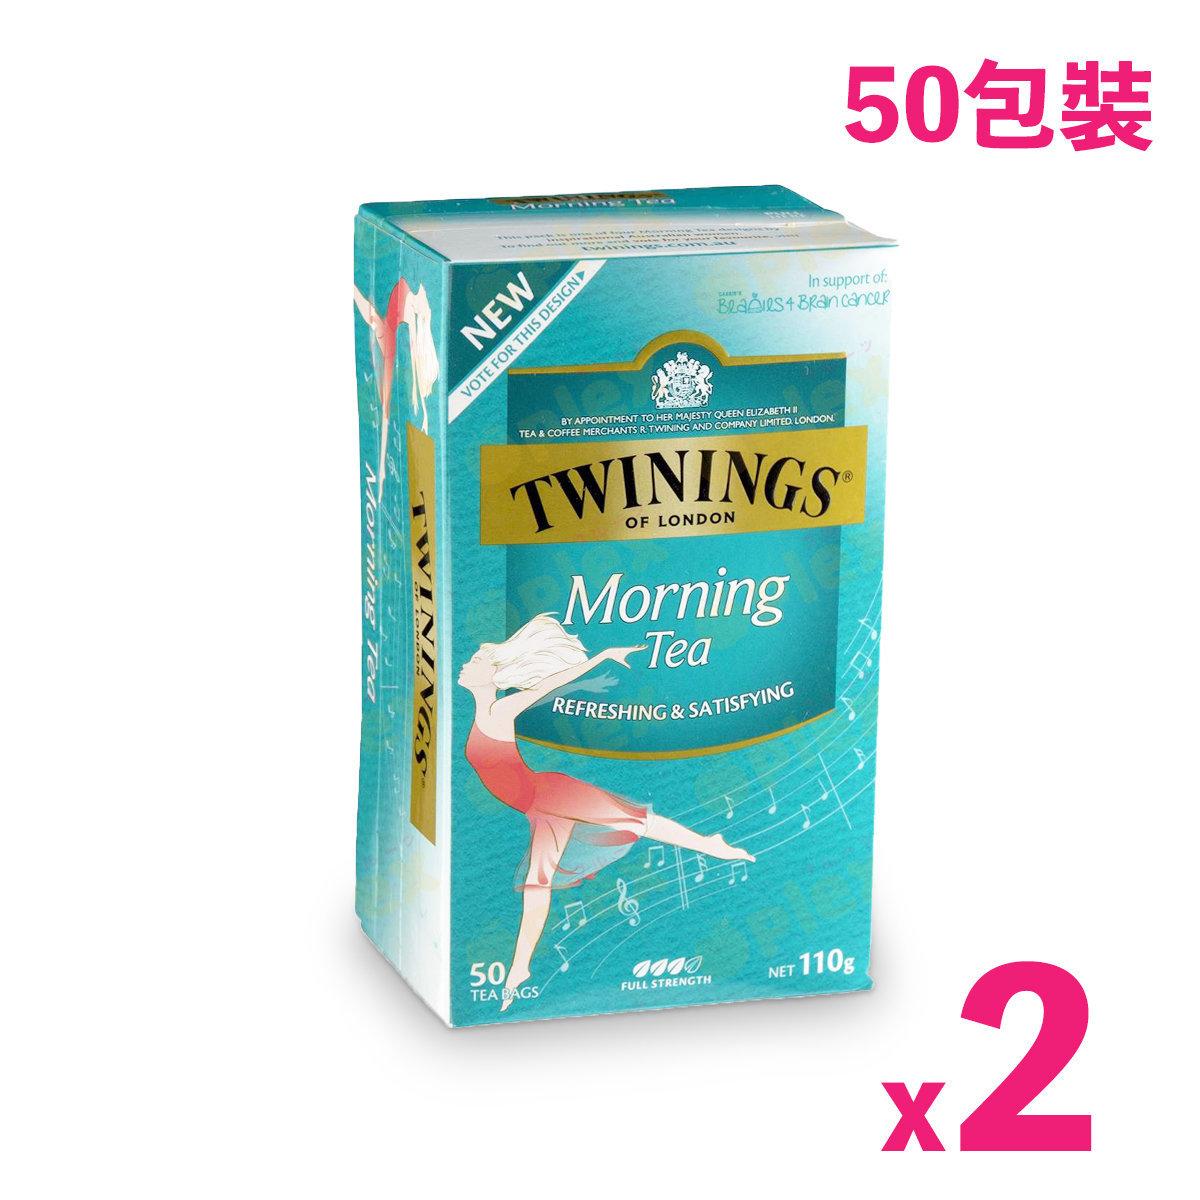 Twinings Morning Tea (50bags) x 3box